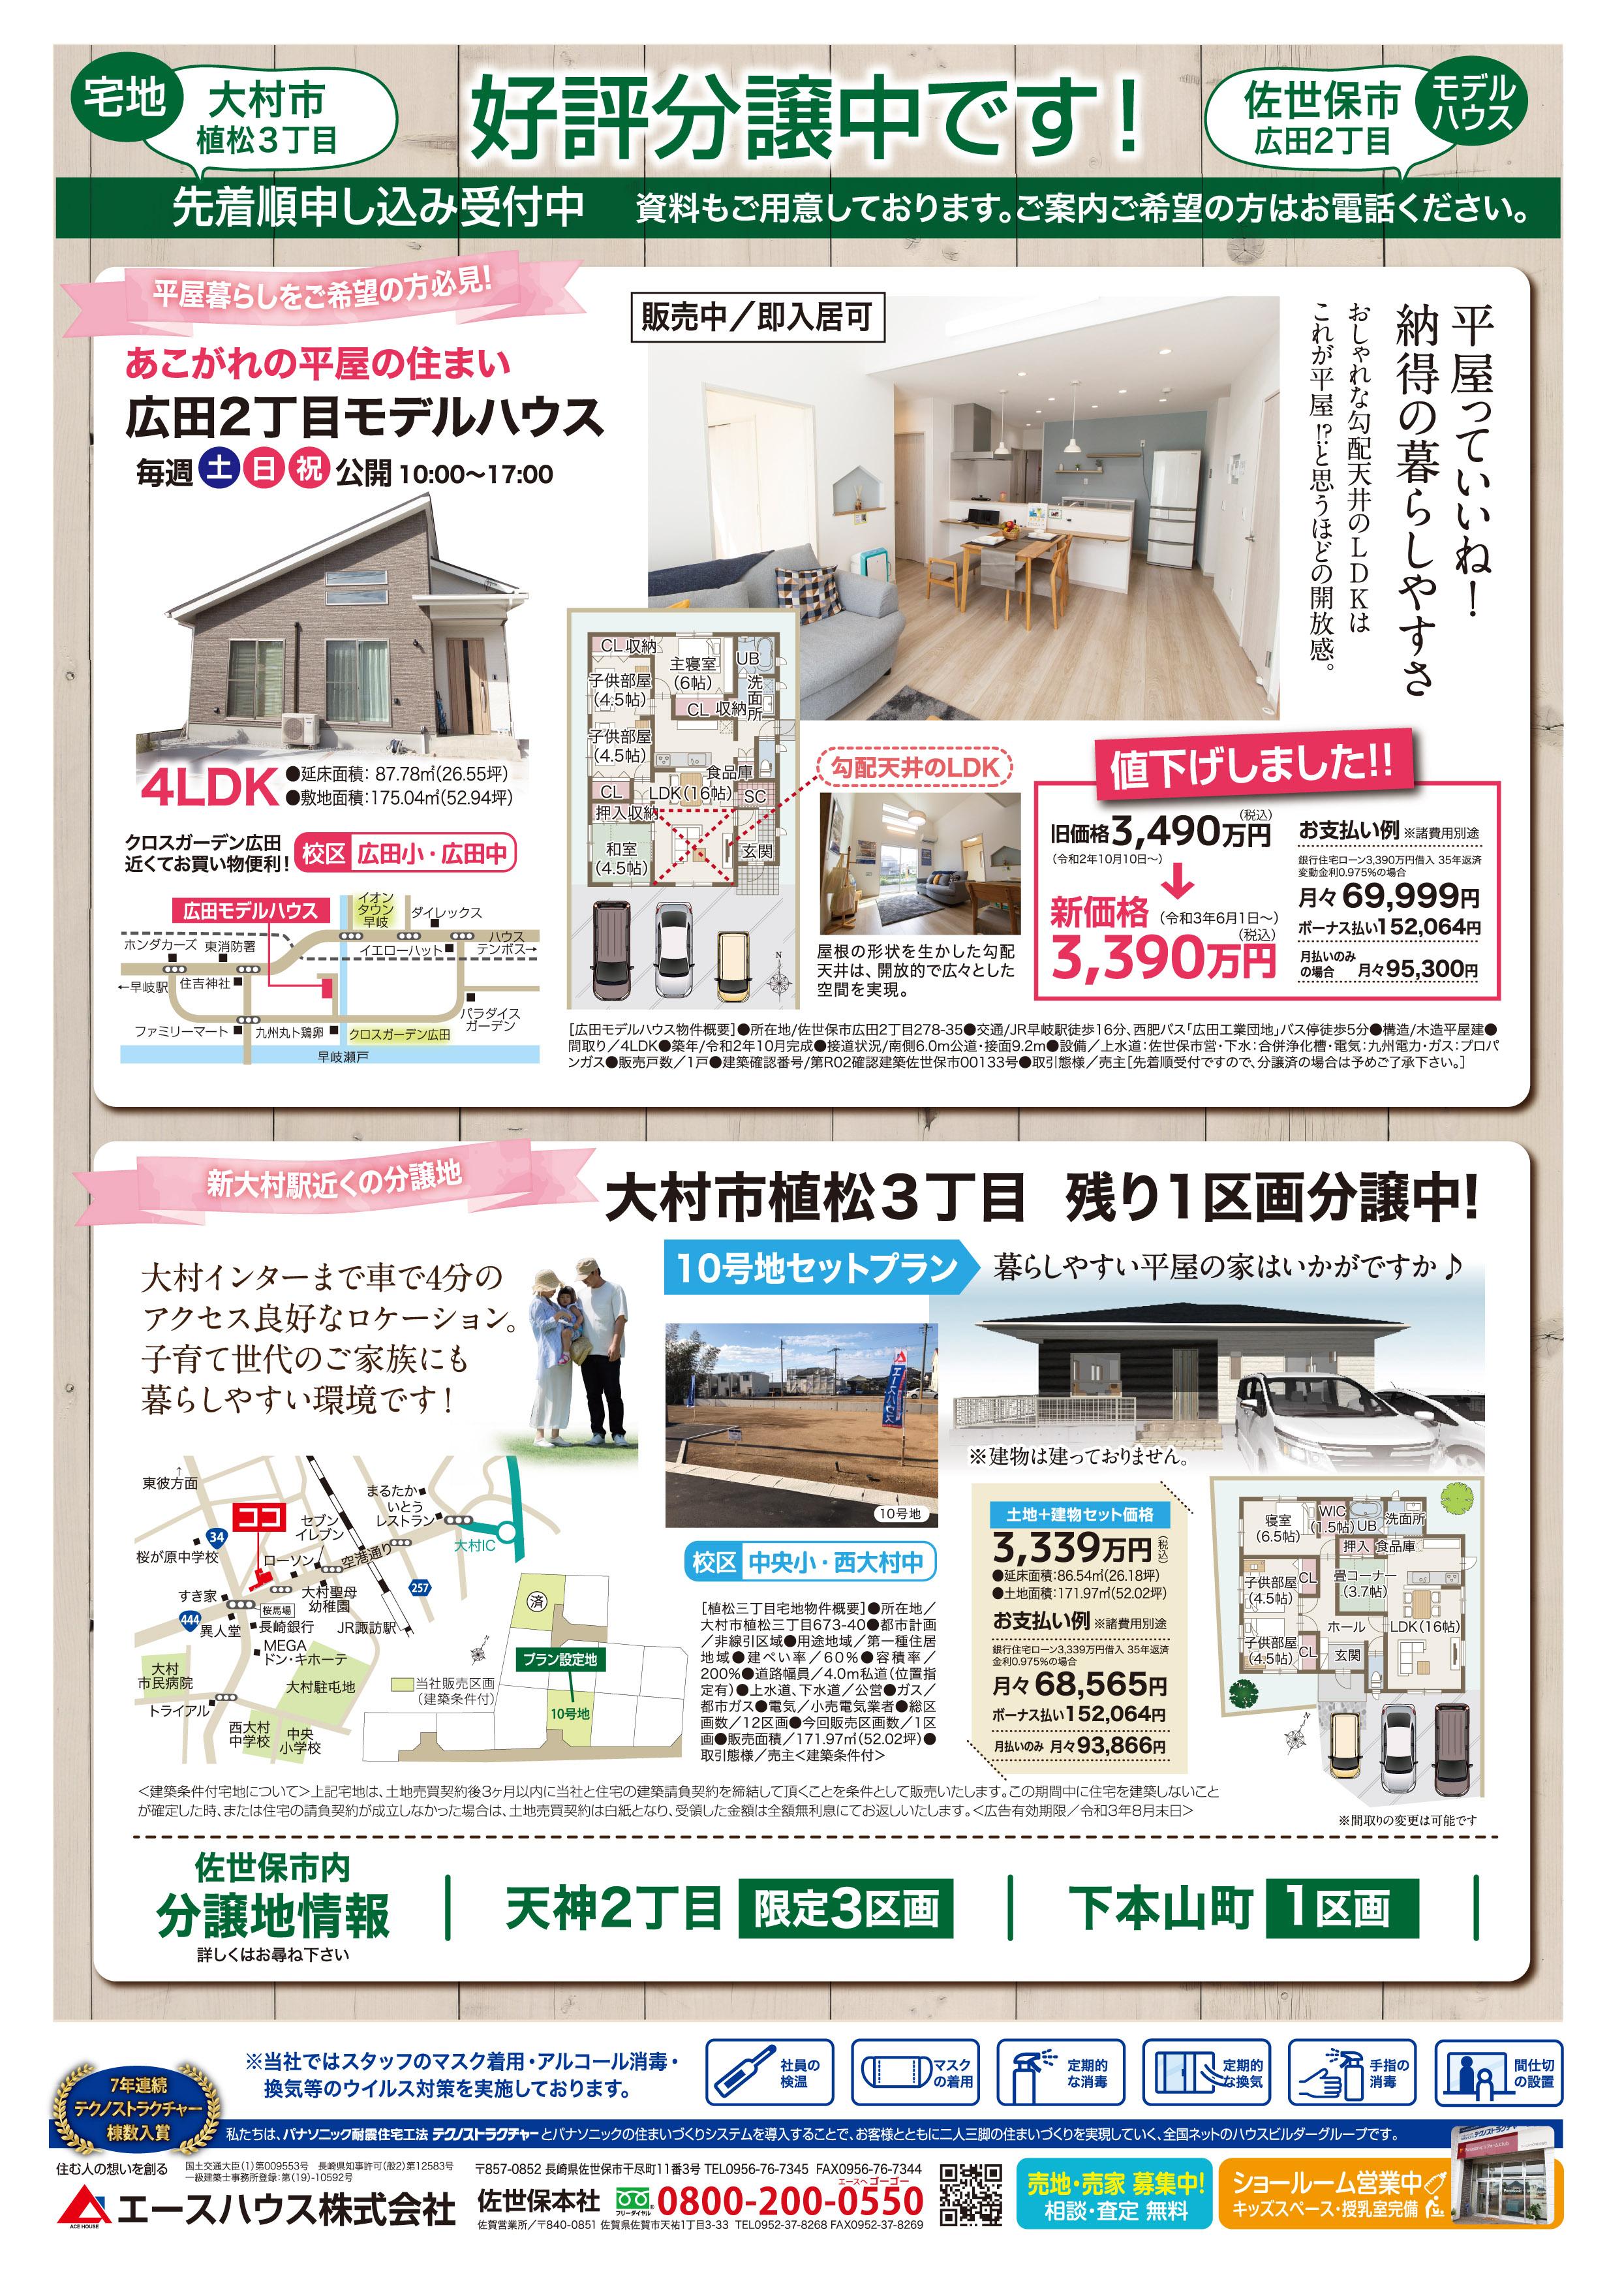 広田建売モデルハウス